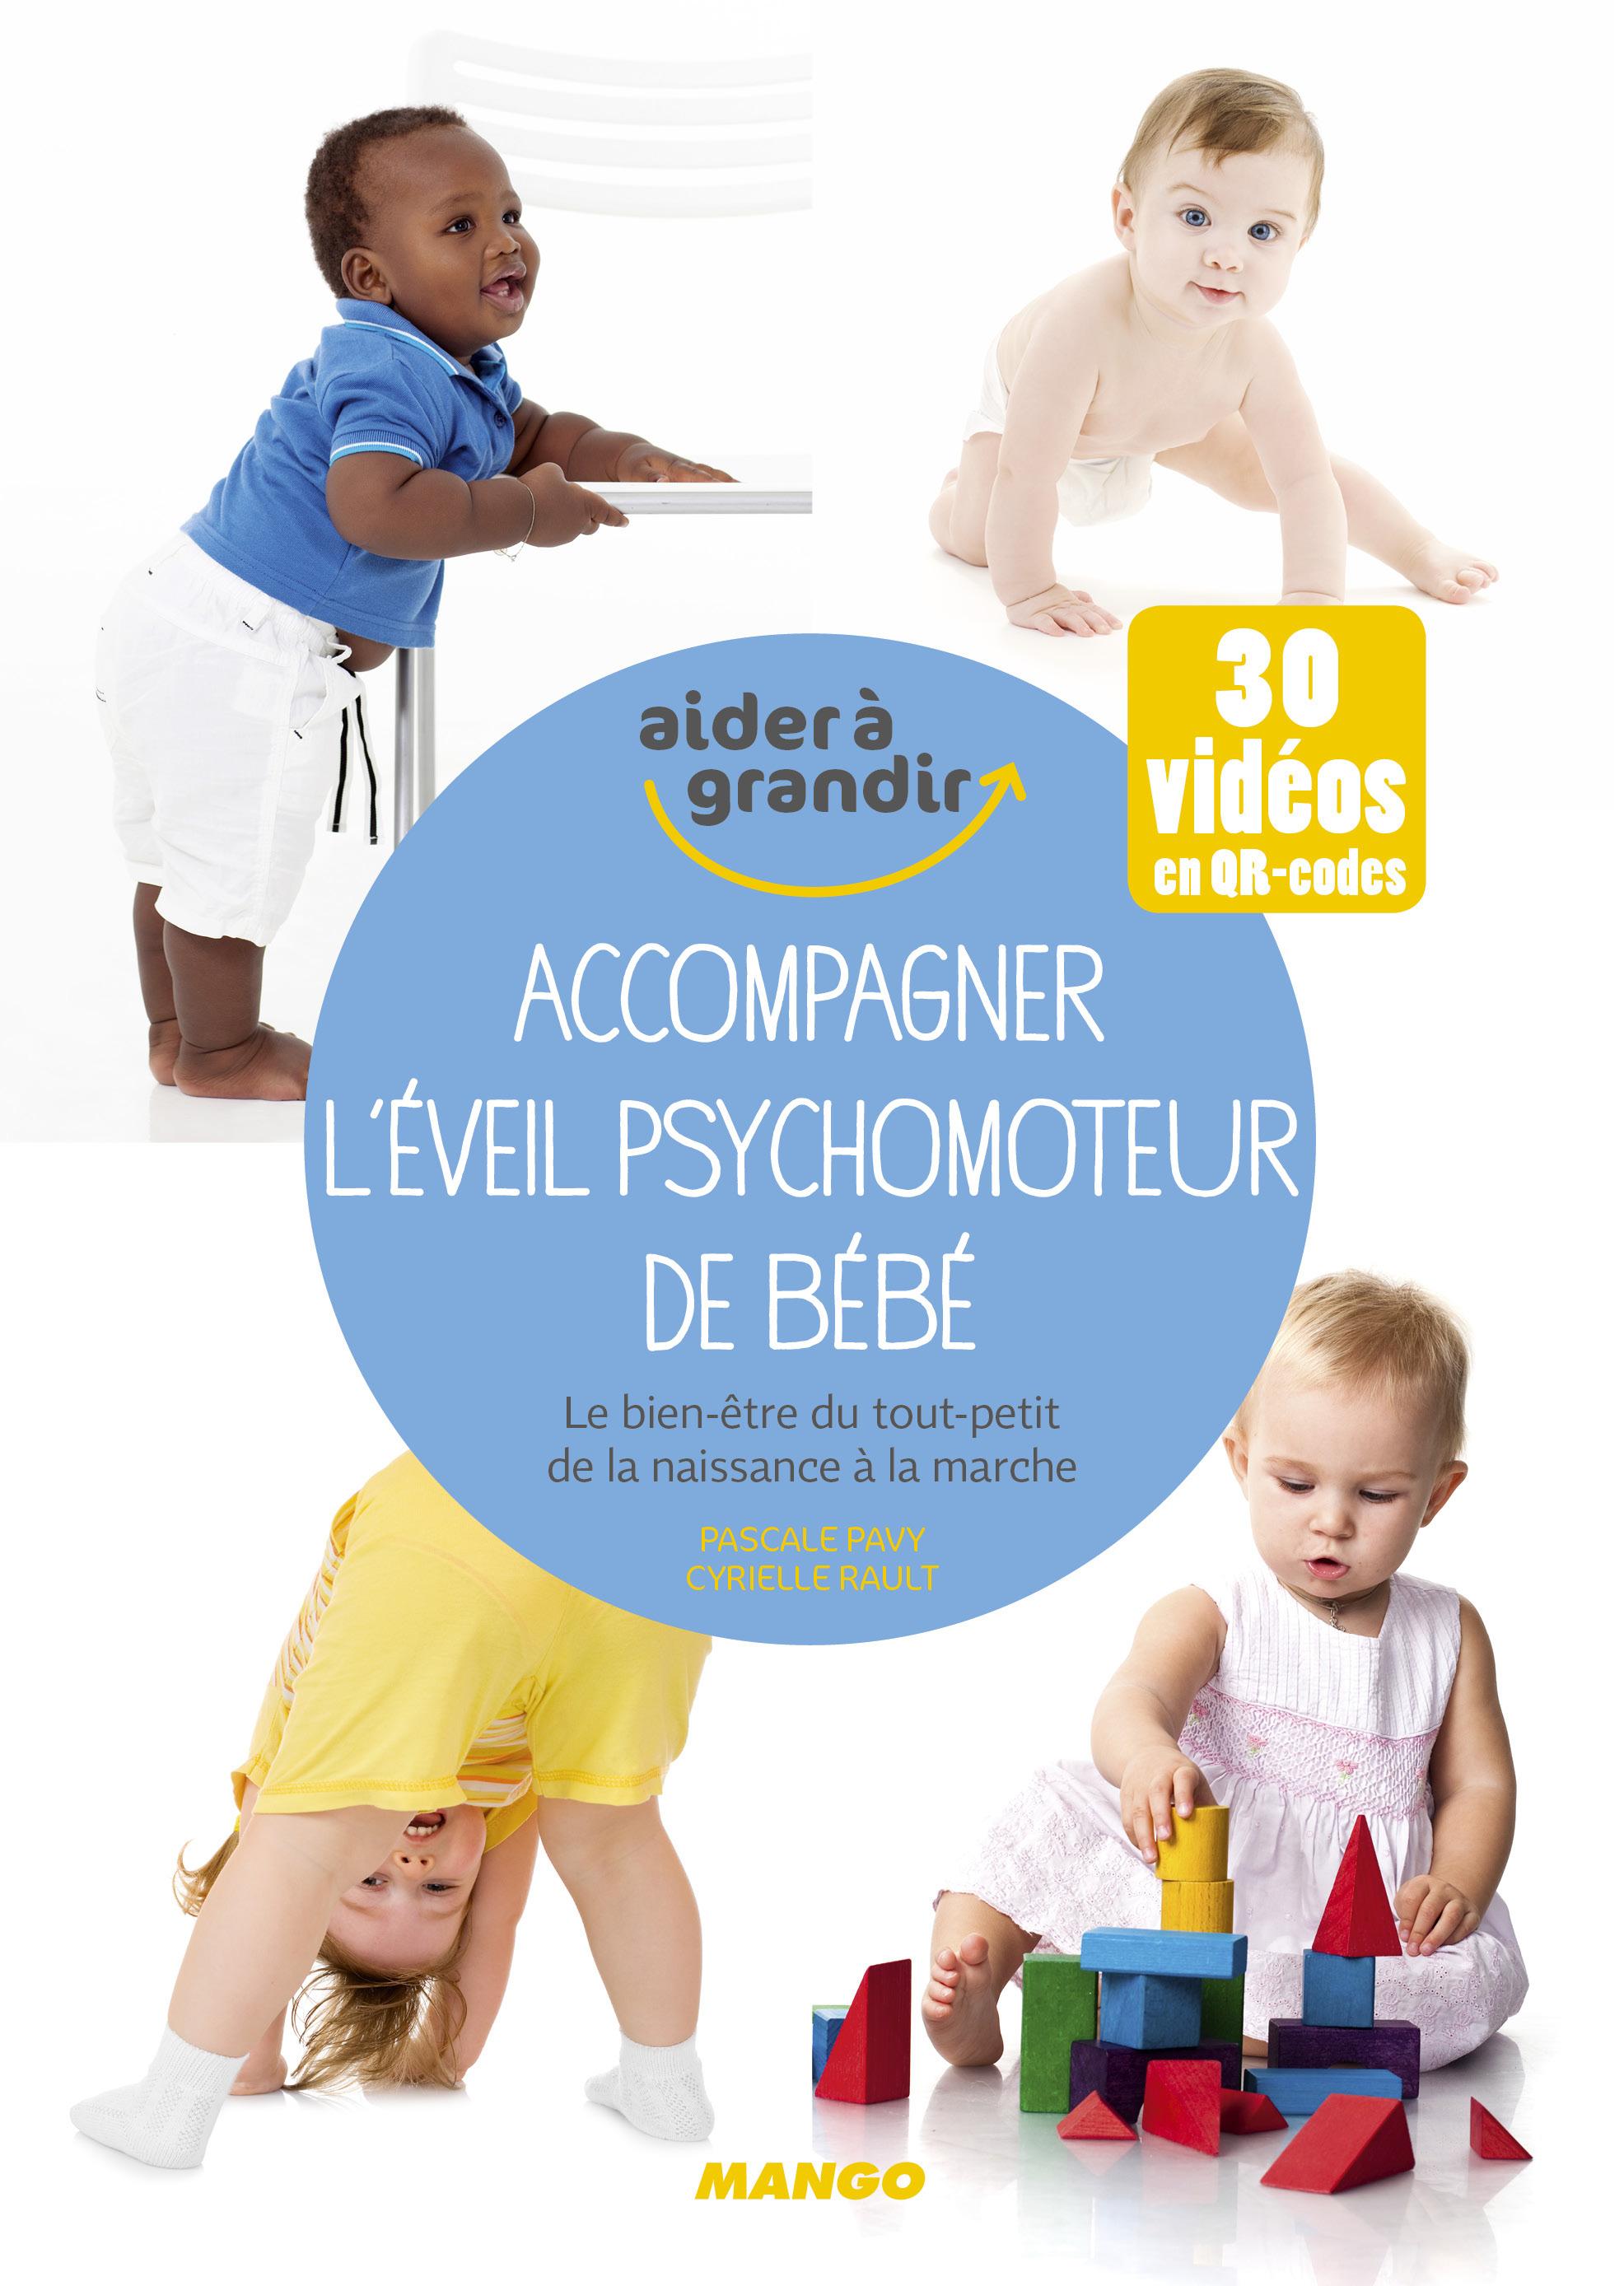 ACCOMPAGNER L'EVEIL PSYCHOMOTEUR DE BEBE